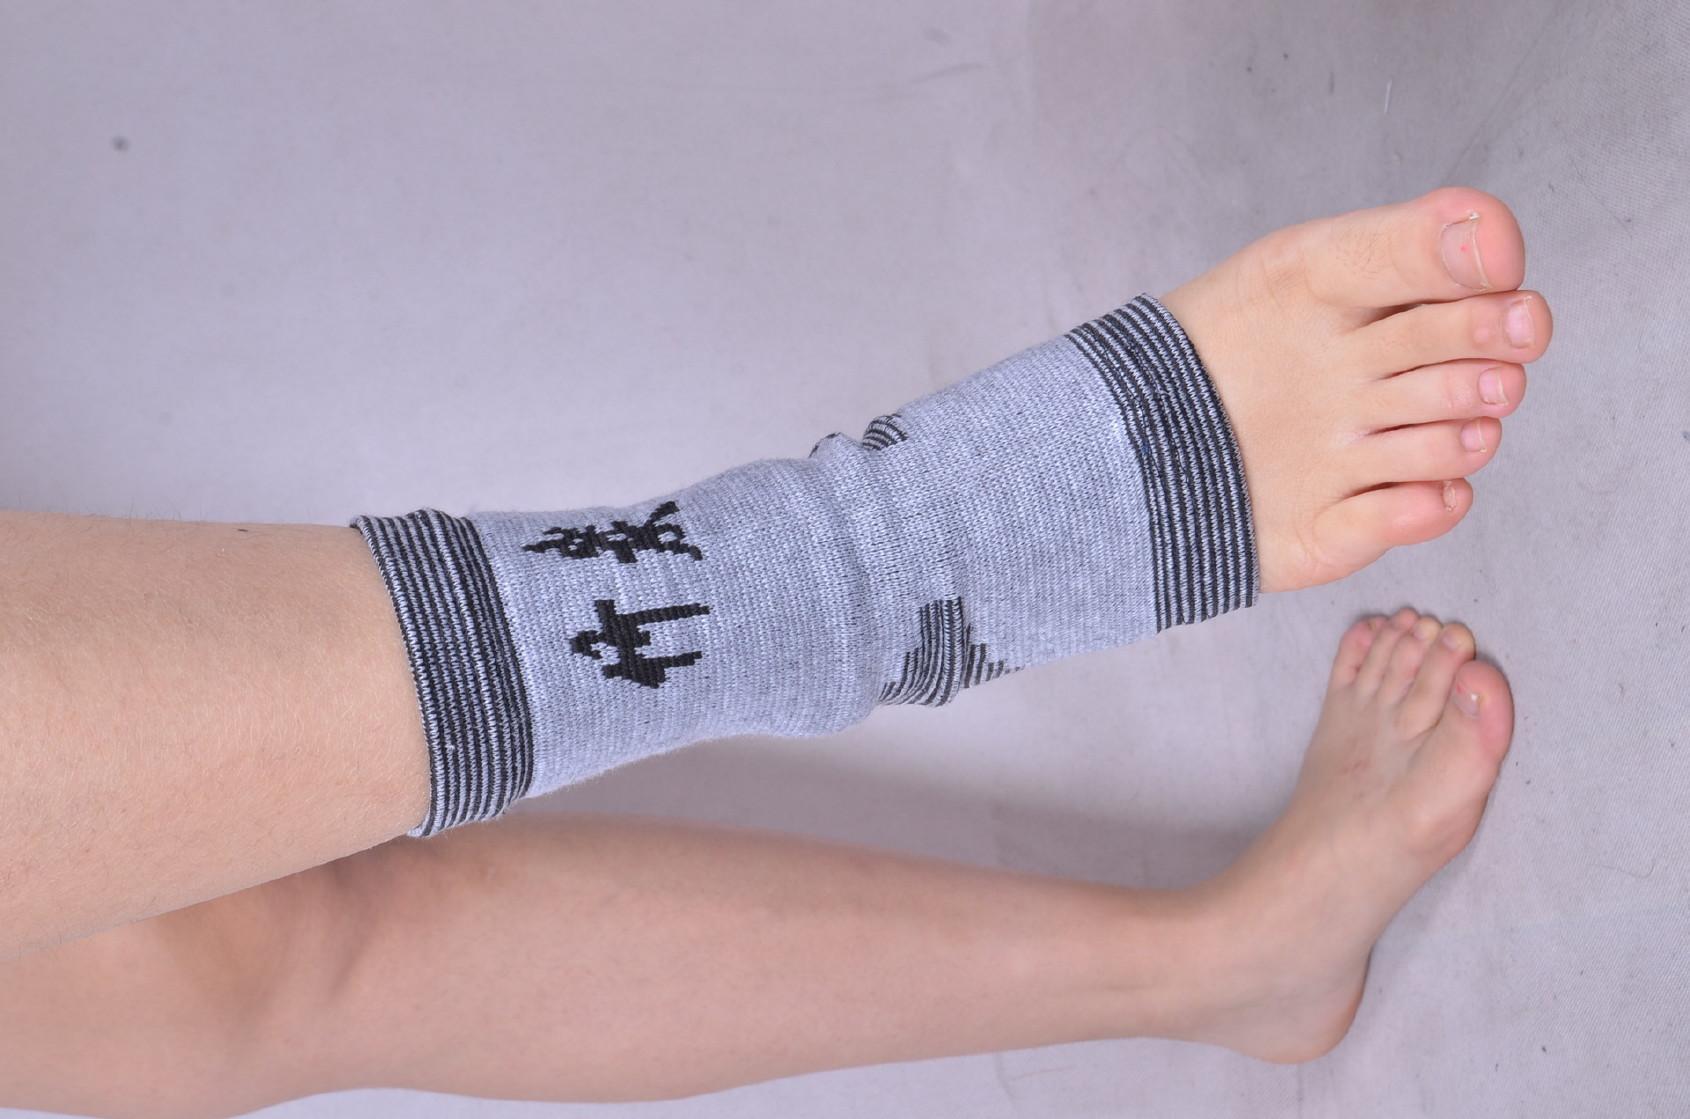 供應護踝 竹炭纖維護踝 騎行用品 透氣舒適貼合護具跆拳道護踝